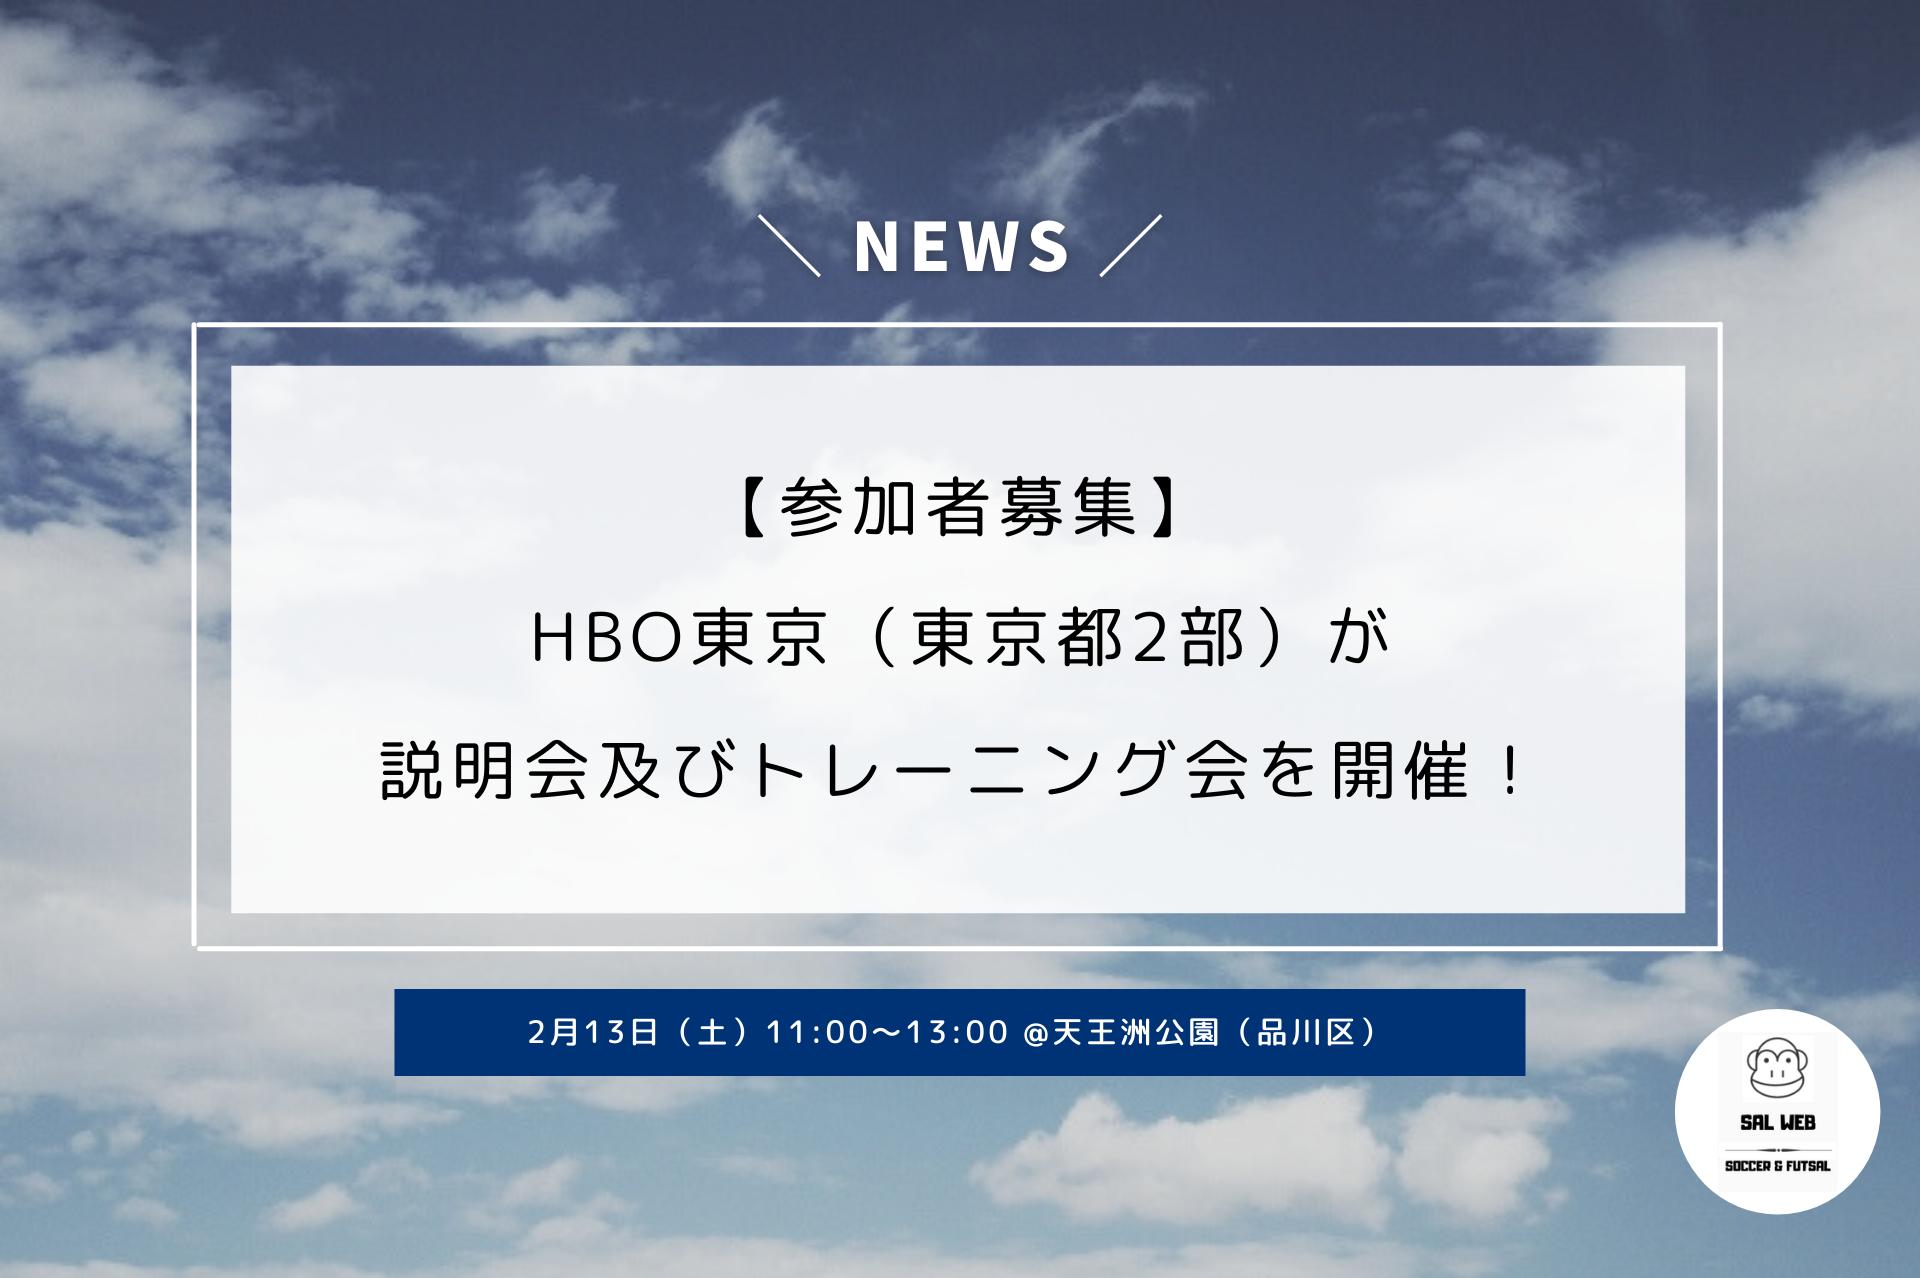 【2月13日開催】HBO東京(東京都2部)が説明会及びトレーニング会を開催!